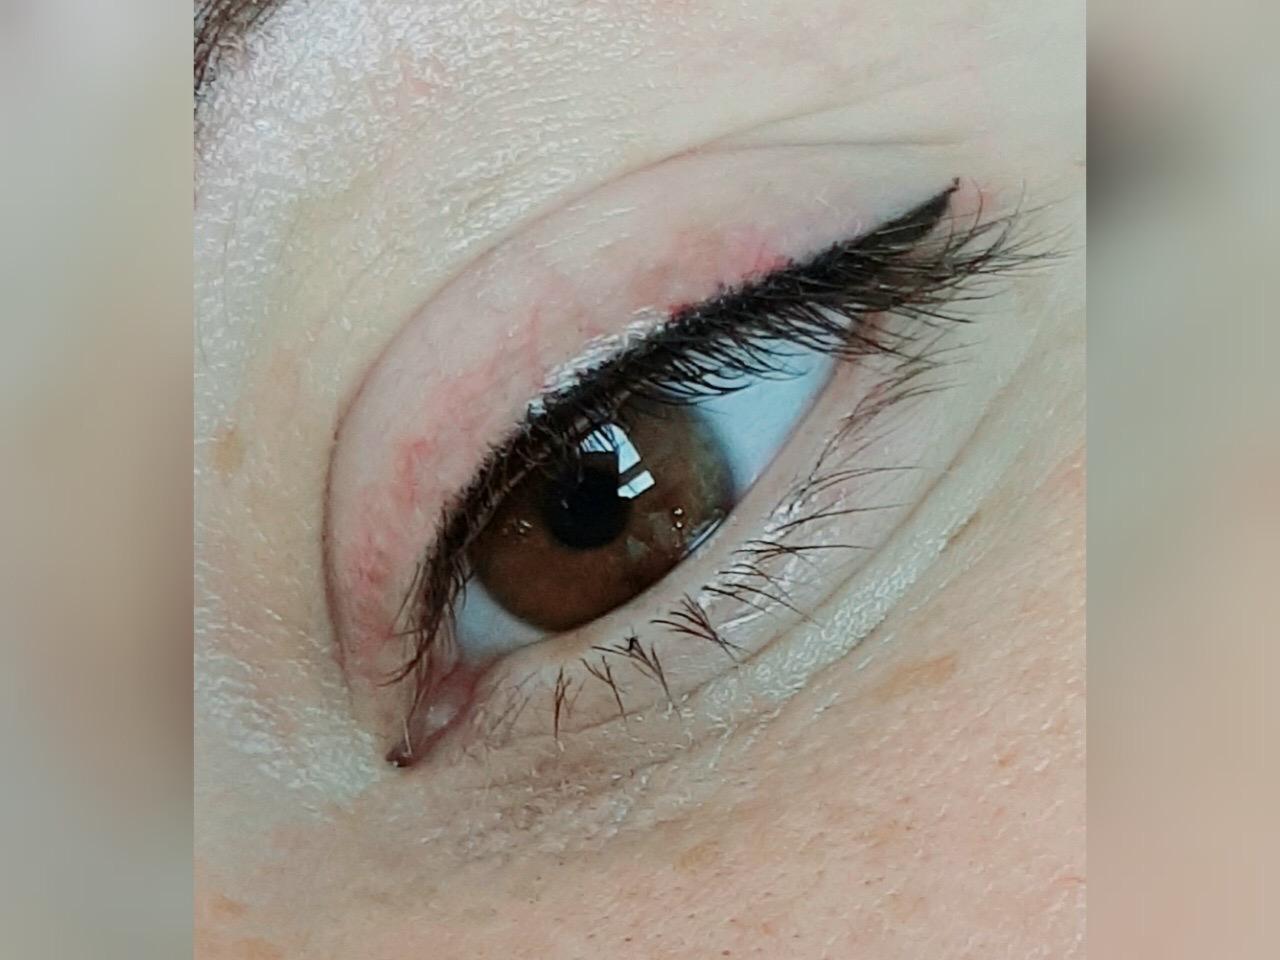 Межресничный татуаж глаз. фото до и после. как делают, последствия после процедуры, цена